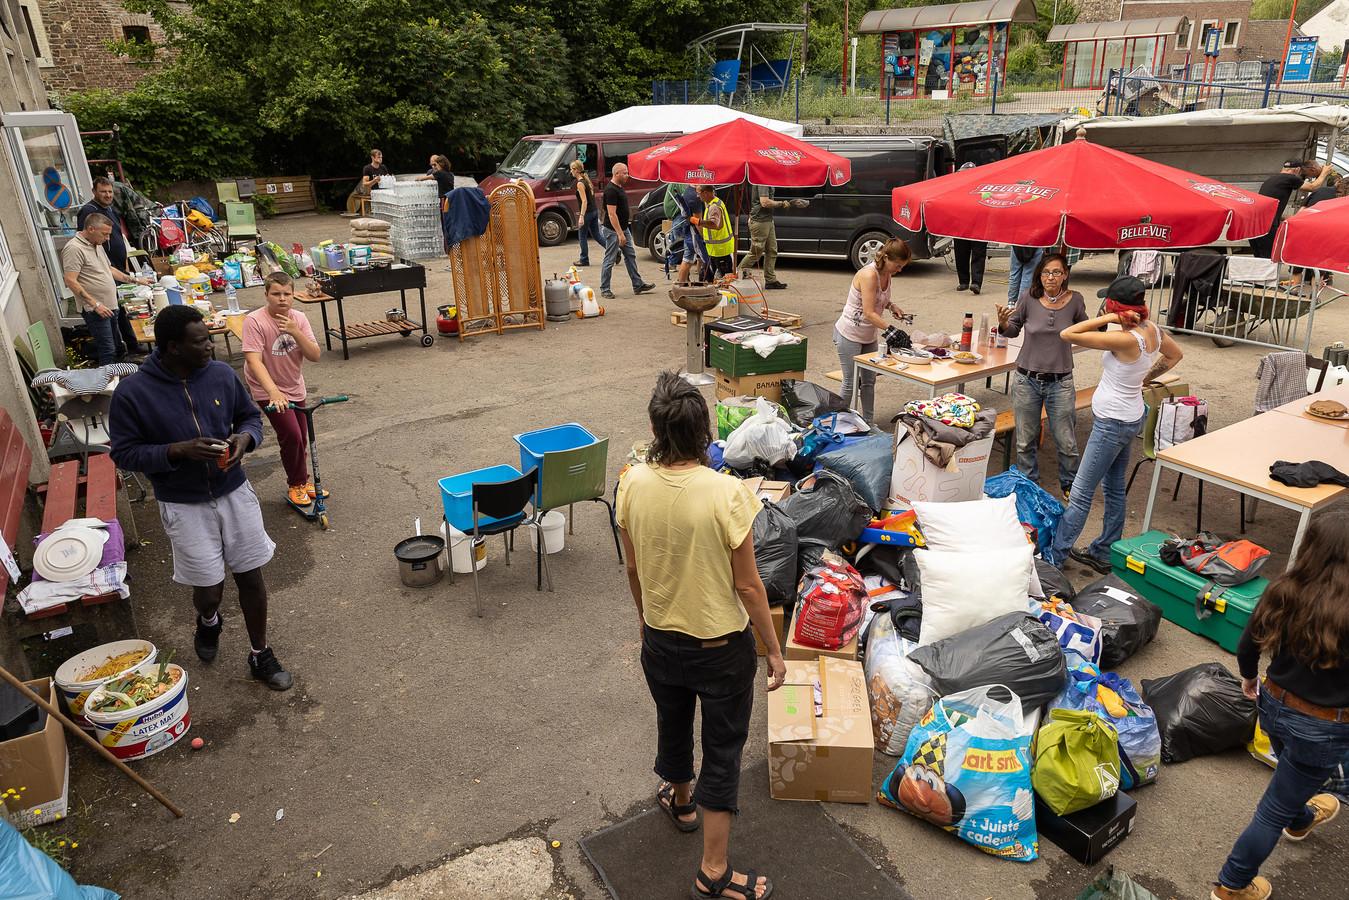 Une illustration montre la distribution de nourriture et de produits alimentaires à Trooz le mardi 27 juillet 2021. La région est toujours en train d'évaluer l'ampleur des dégâts causés par les inondations extrêmement graves qui ont touché la région il y a plus d'une semaine.